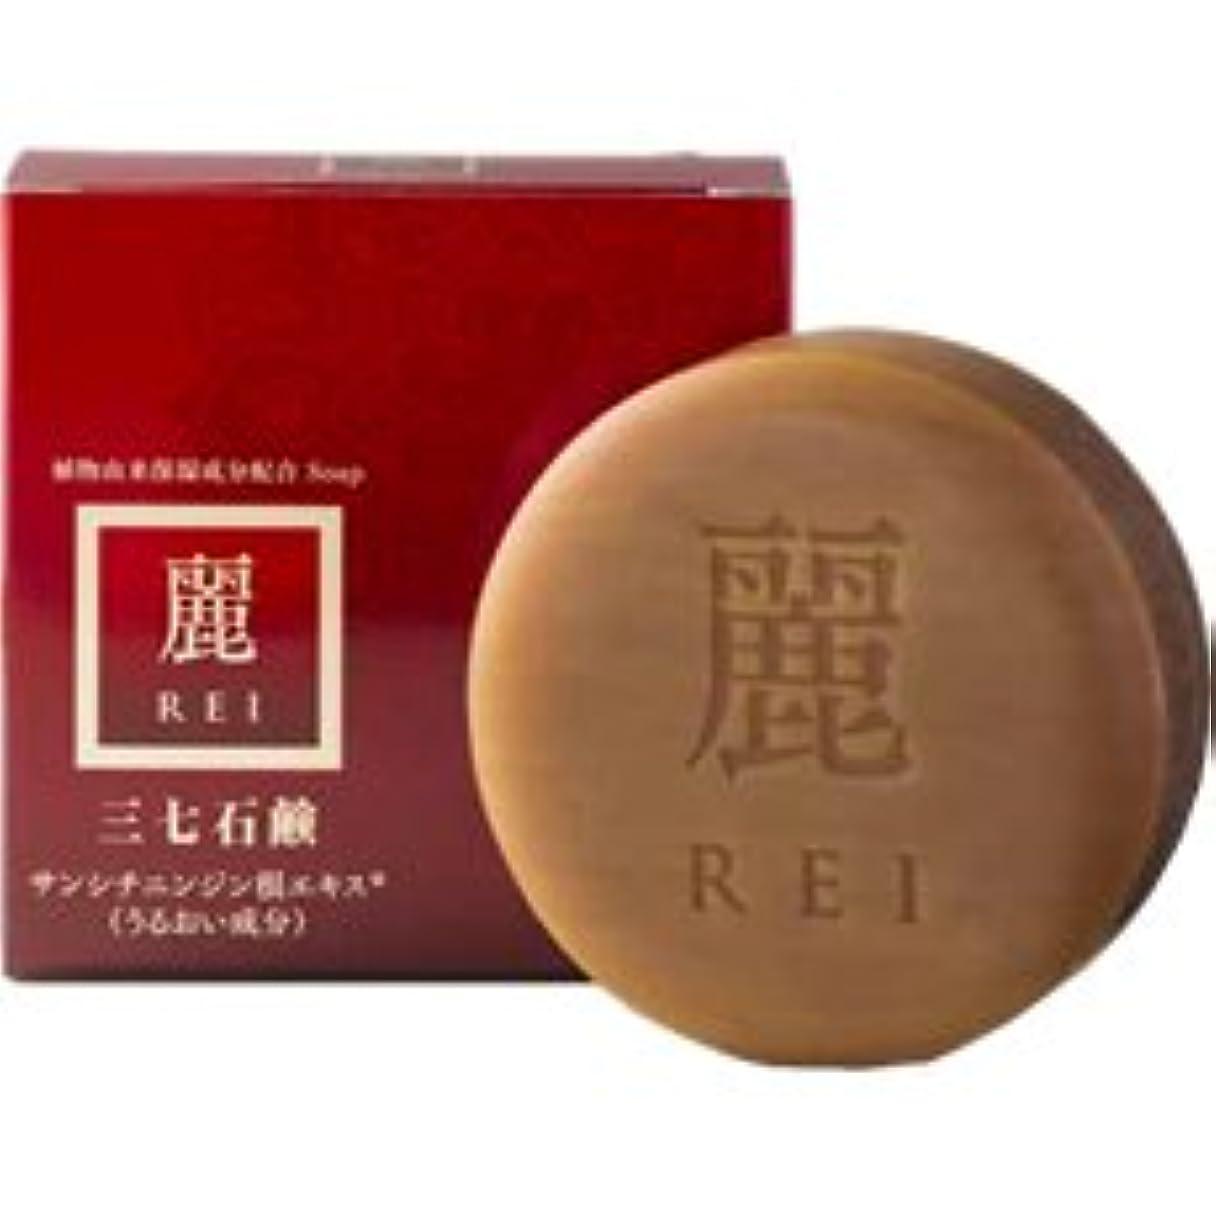 疑い者仲良し魔女三七石鹸 麗(れい) 100g